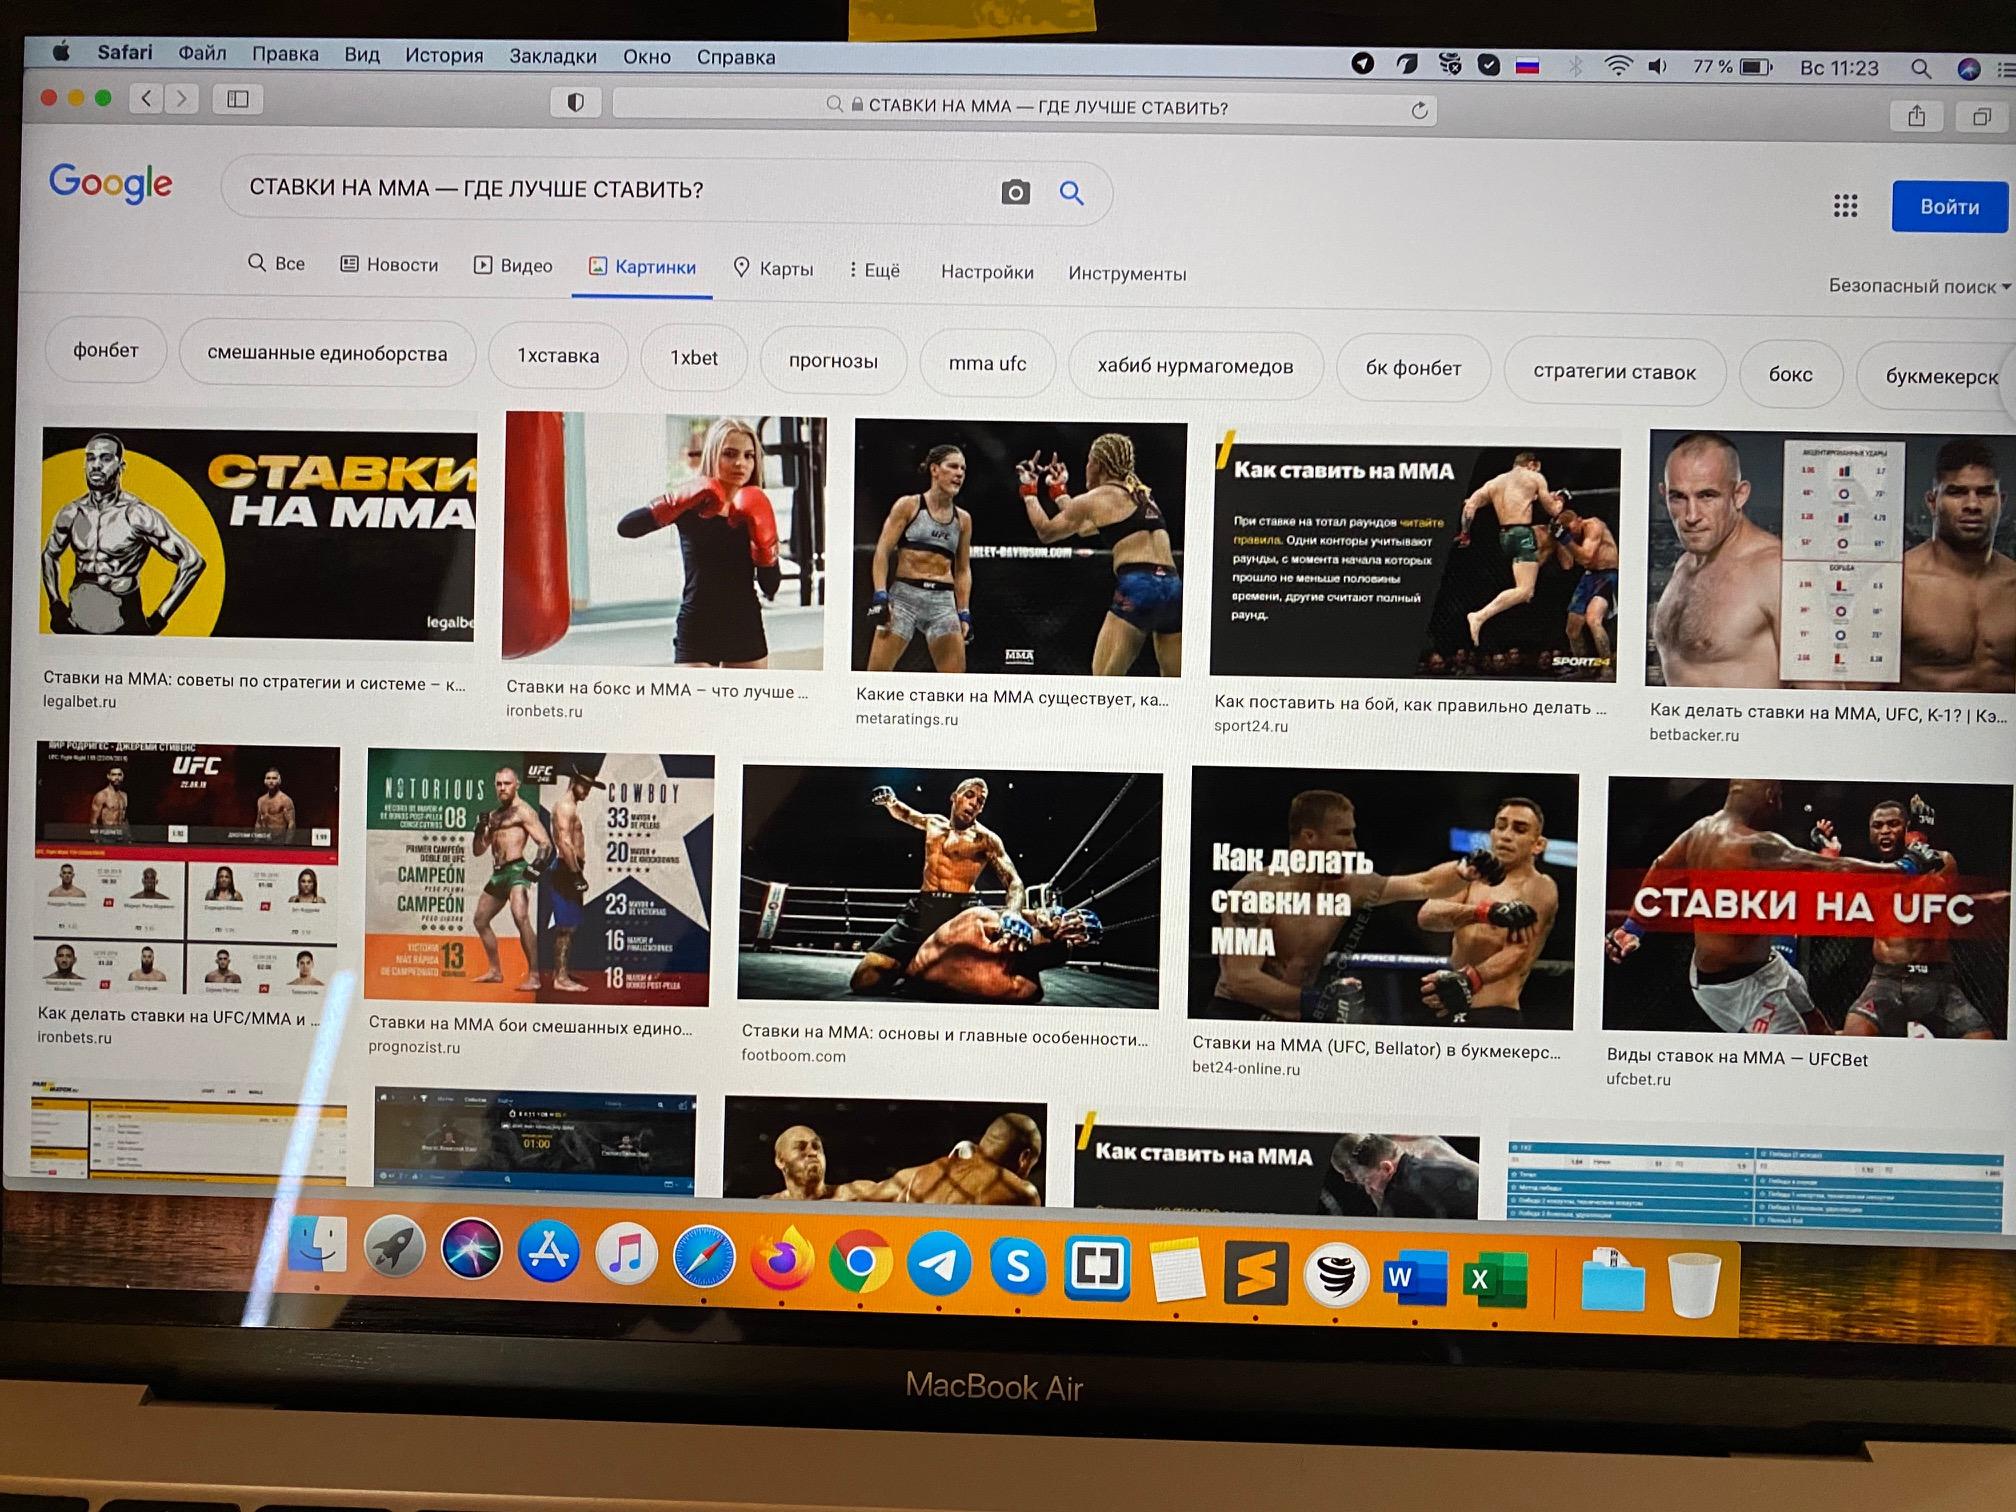 Ставки на MMA - где лучше ставить?